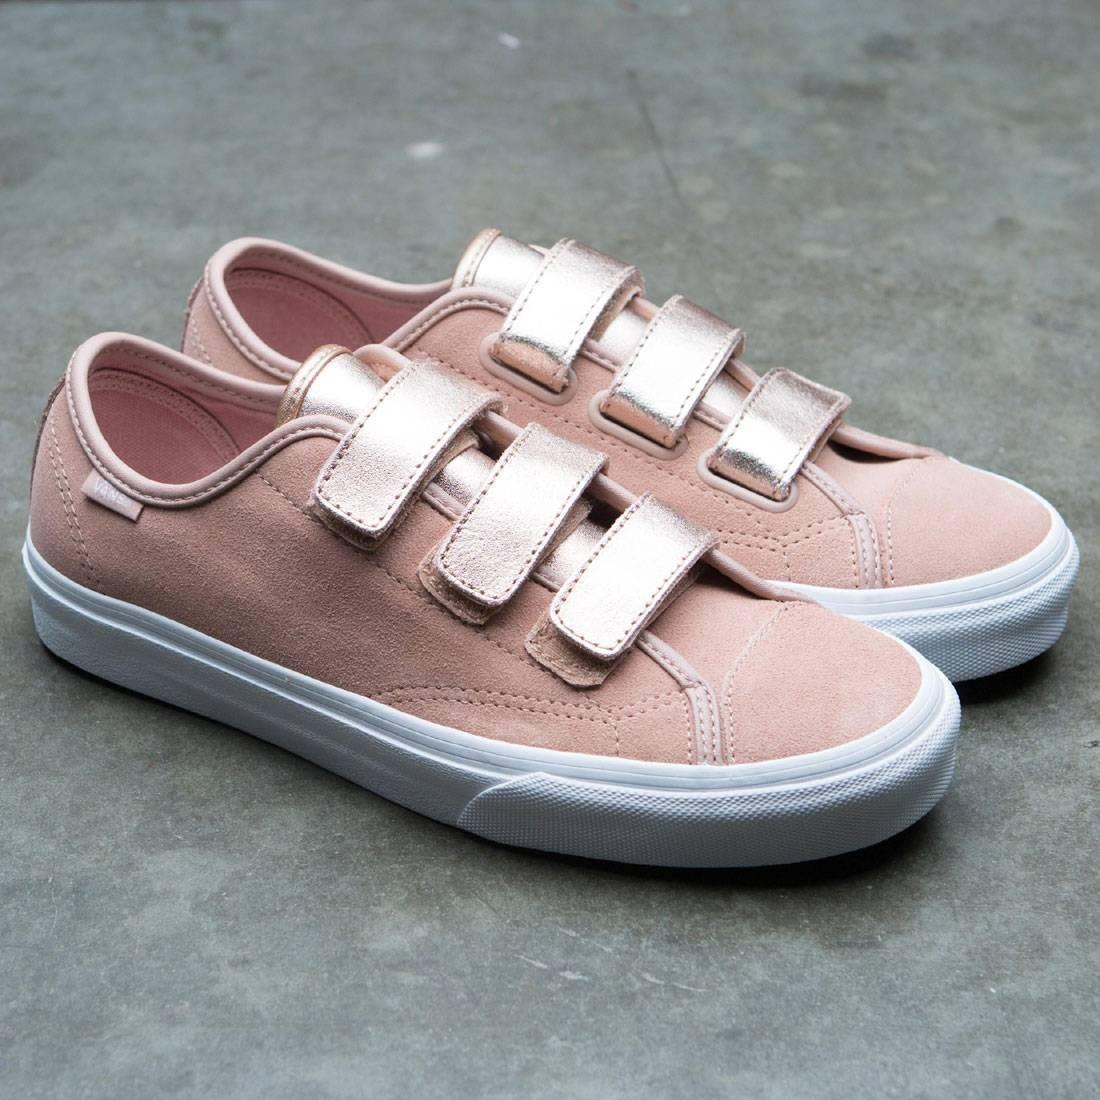 buy online ef565 69ab4 Vans Men Style 23 V - 2 Tone Metallic (gold / rose / white)